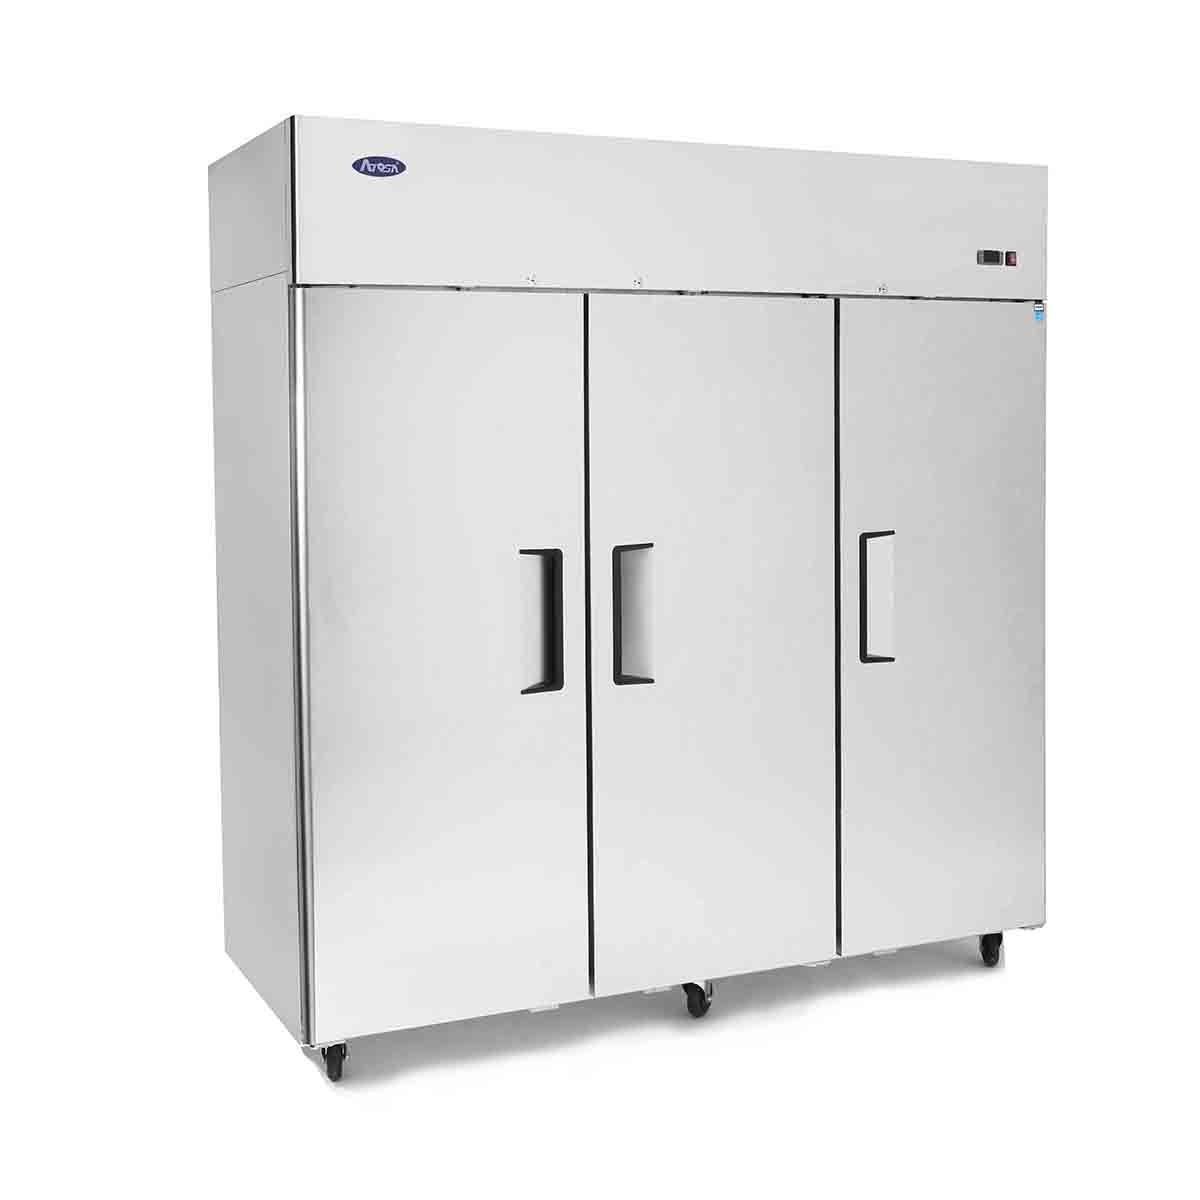 Atosa MBF8003 Top Mount Three Door Freezer